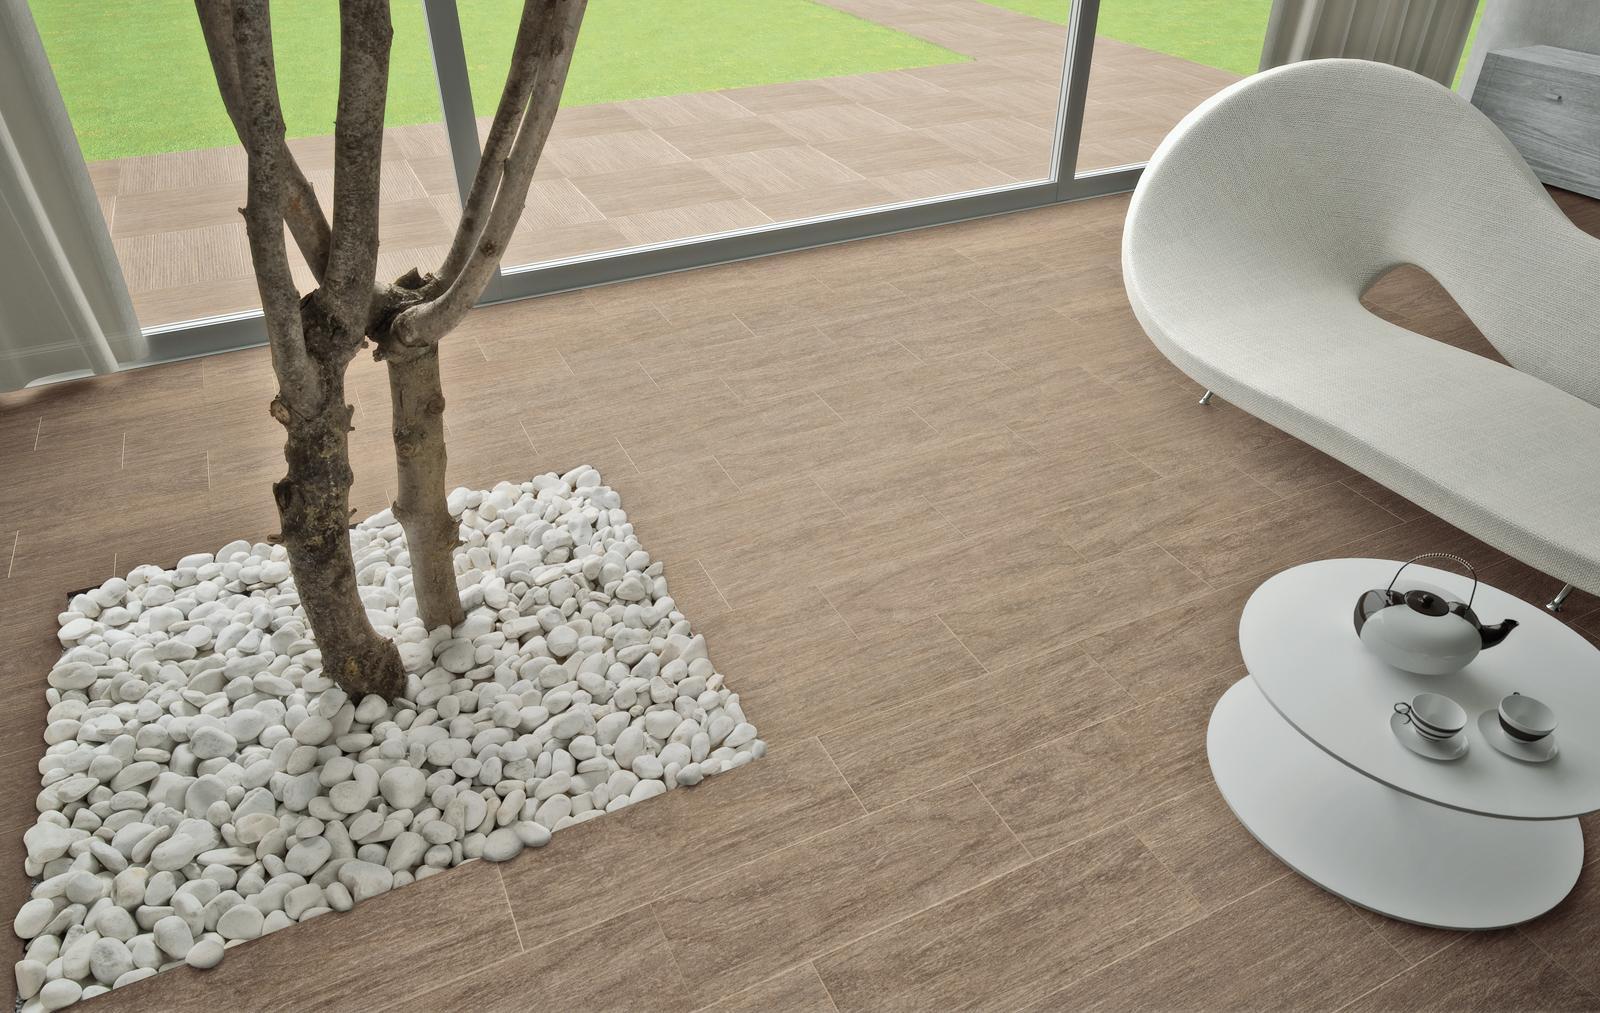 Habitat Wood Effect Porcelain Stoneware Marazzi ~ Gres Porcelanico Imitacion Madera